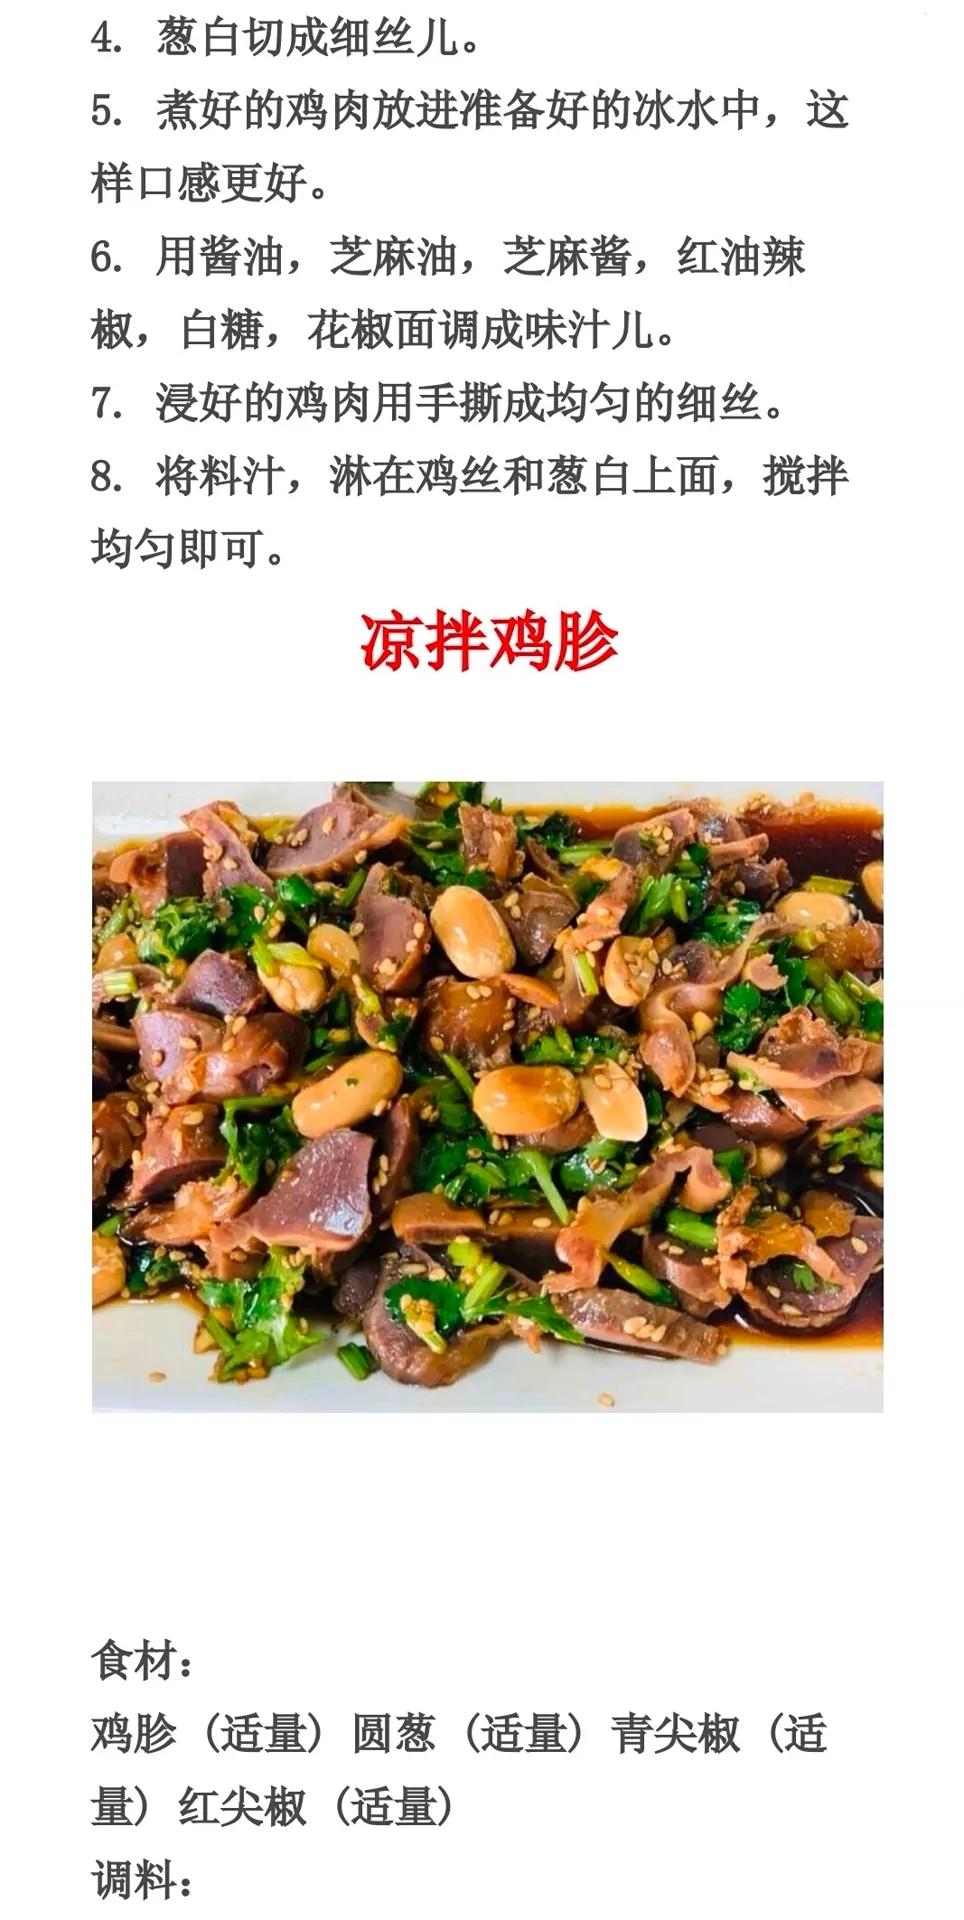 凉菜菜谱家常做法 美食做法 第3张